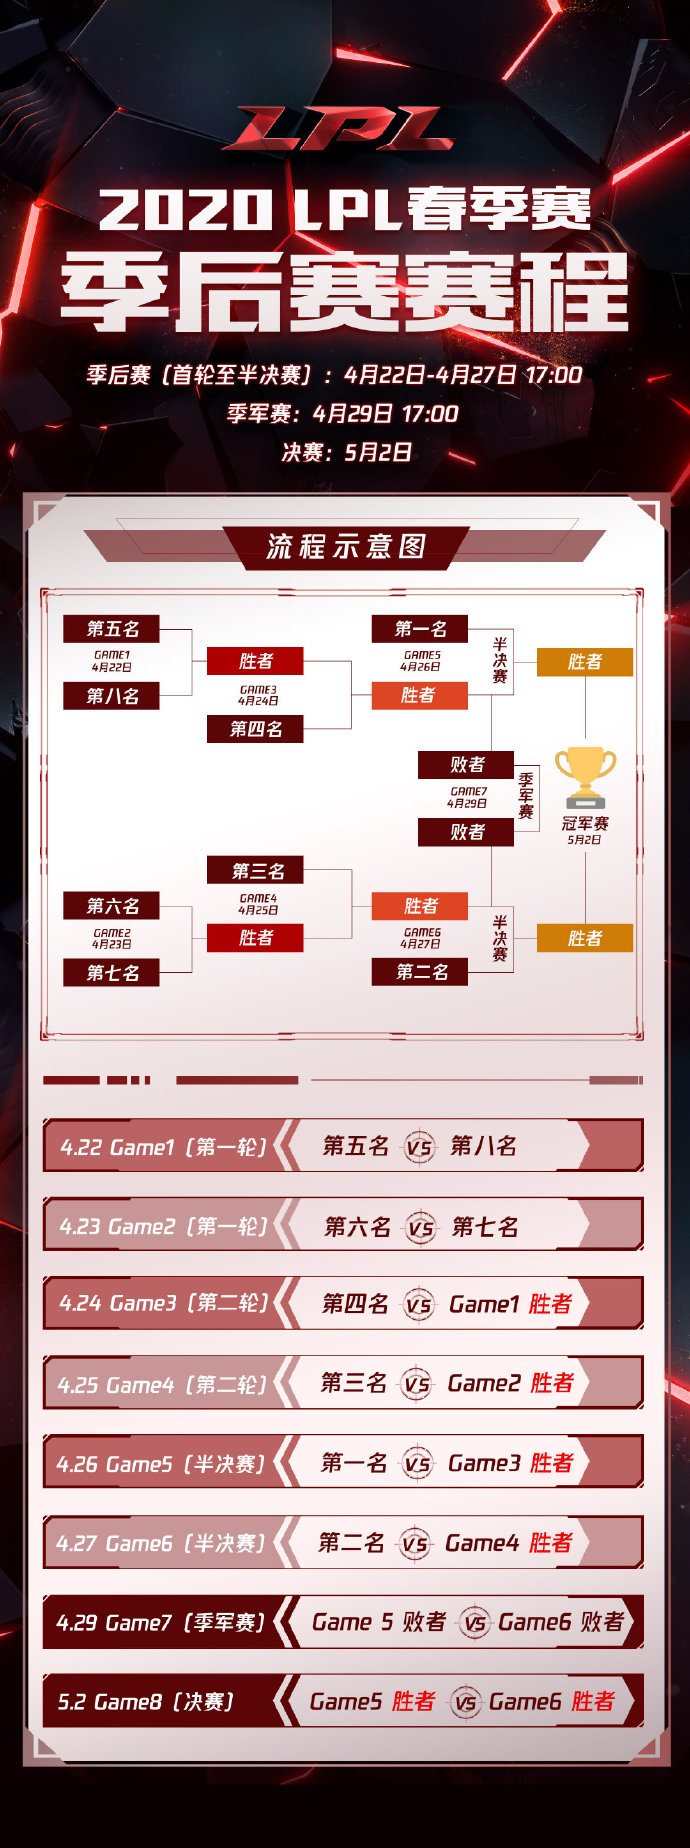 LPL季后赛赛程:4月22日开赛 5月2日进行决赛